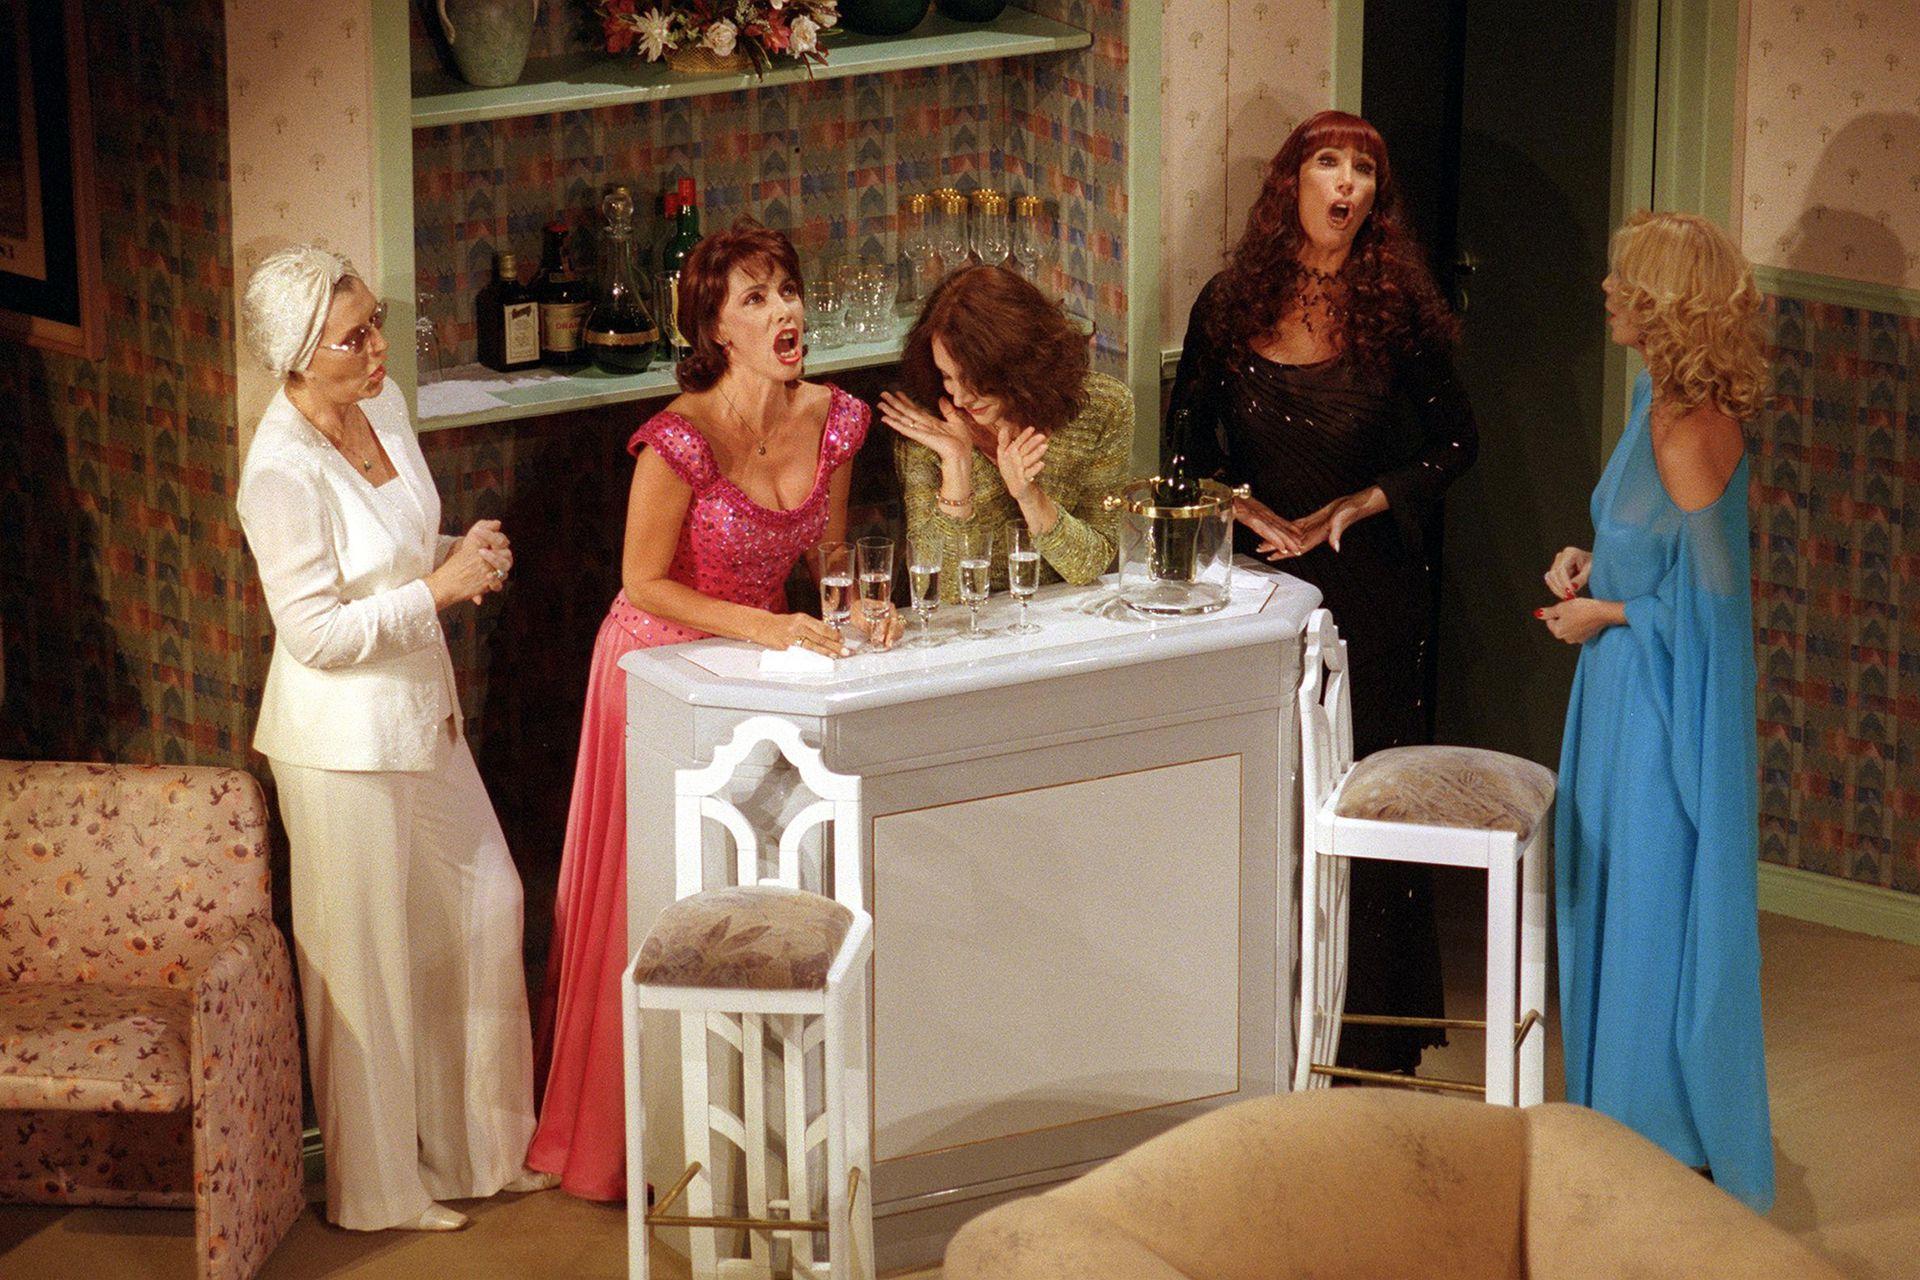 Susana Campos, Nora Cárpena, Thelma Biral, Moria Casán y Graciela Dufau en una escena de Brujas